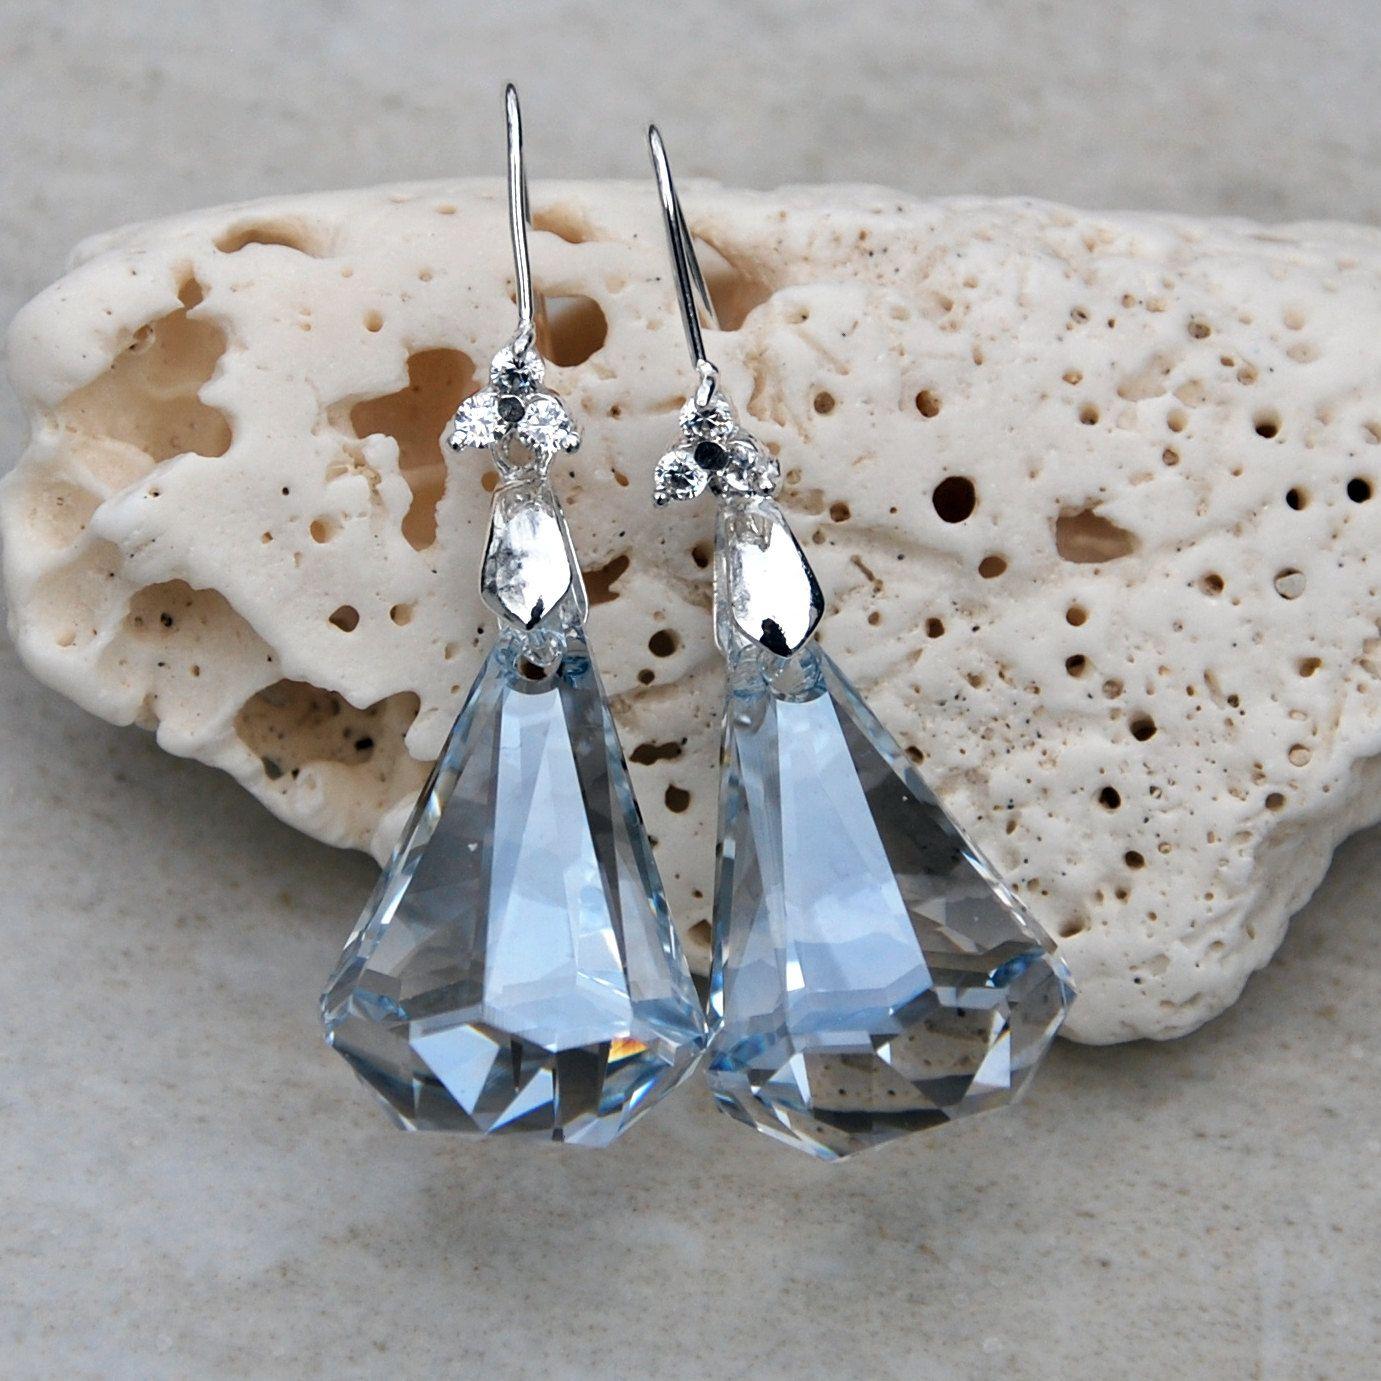 Swarovski Raindrop teardrop sterling earrings, silver swarovski earrings, pale blue earrings, wedding earrings, CZ cubic zirconia earrings by KarmaKittyJewelry on Etsy